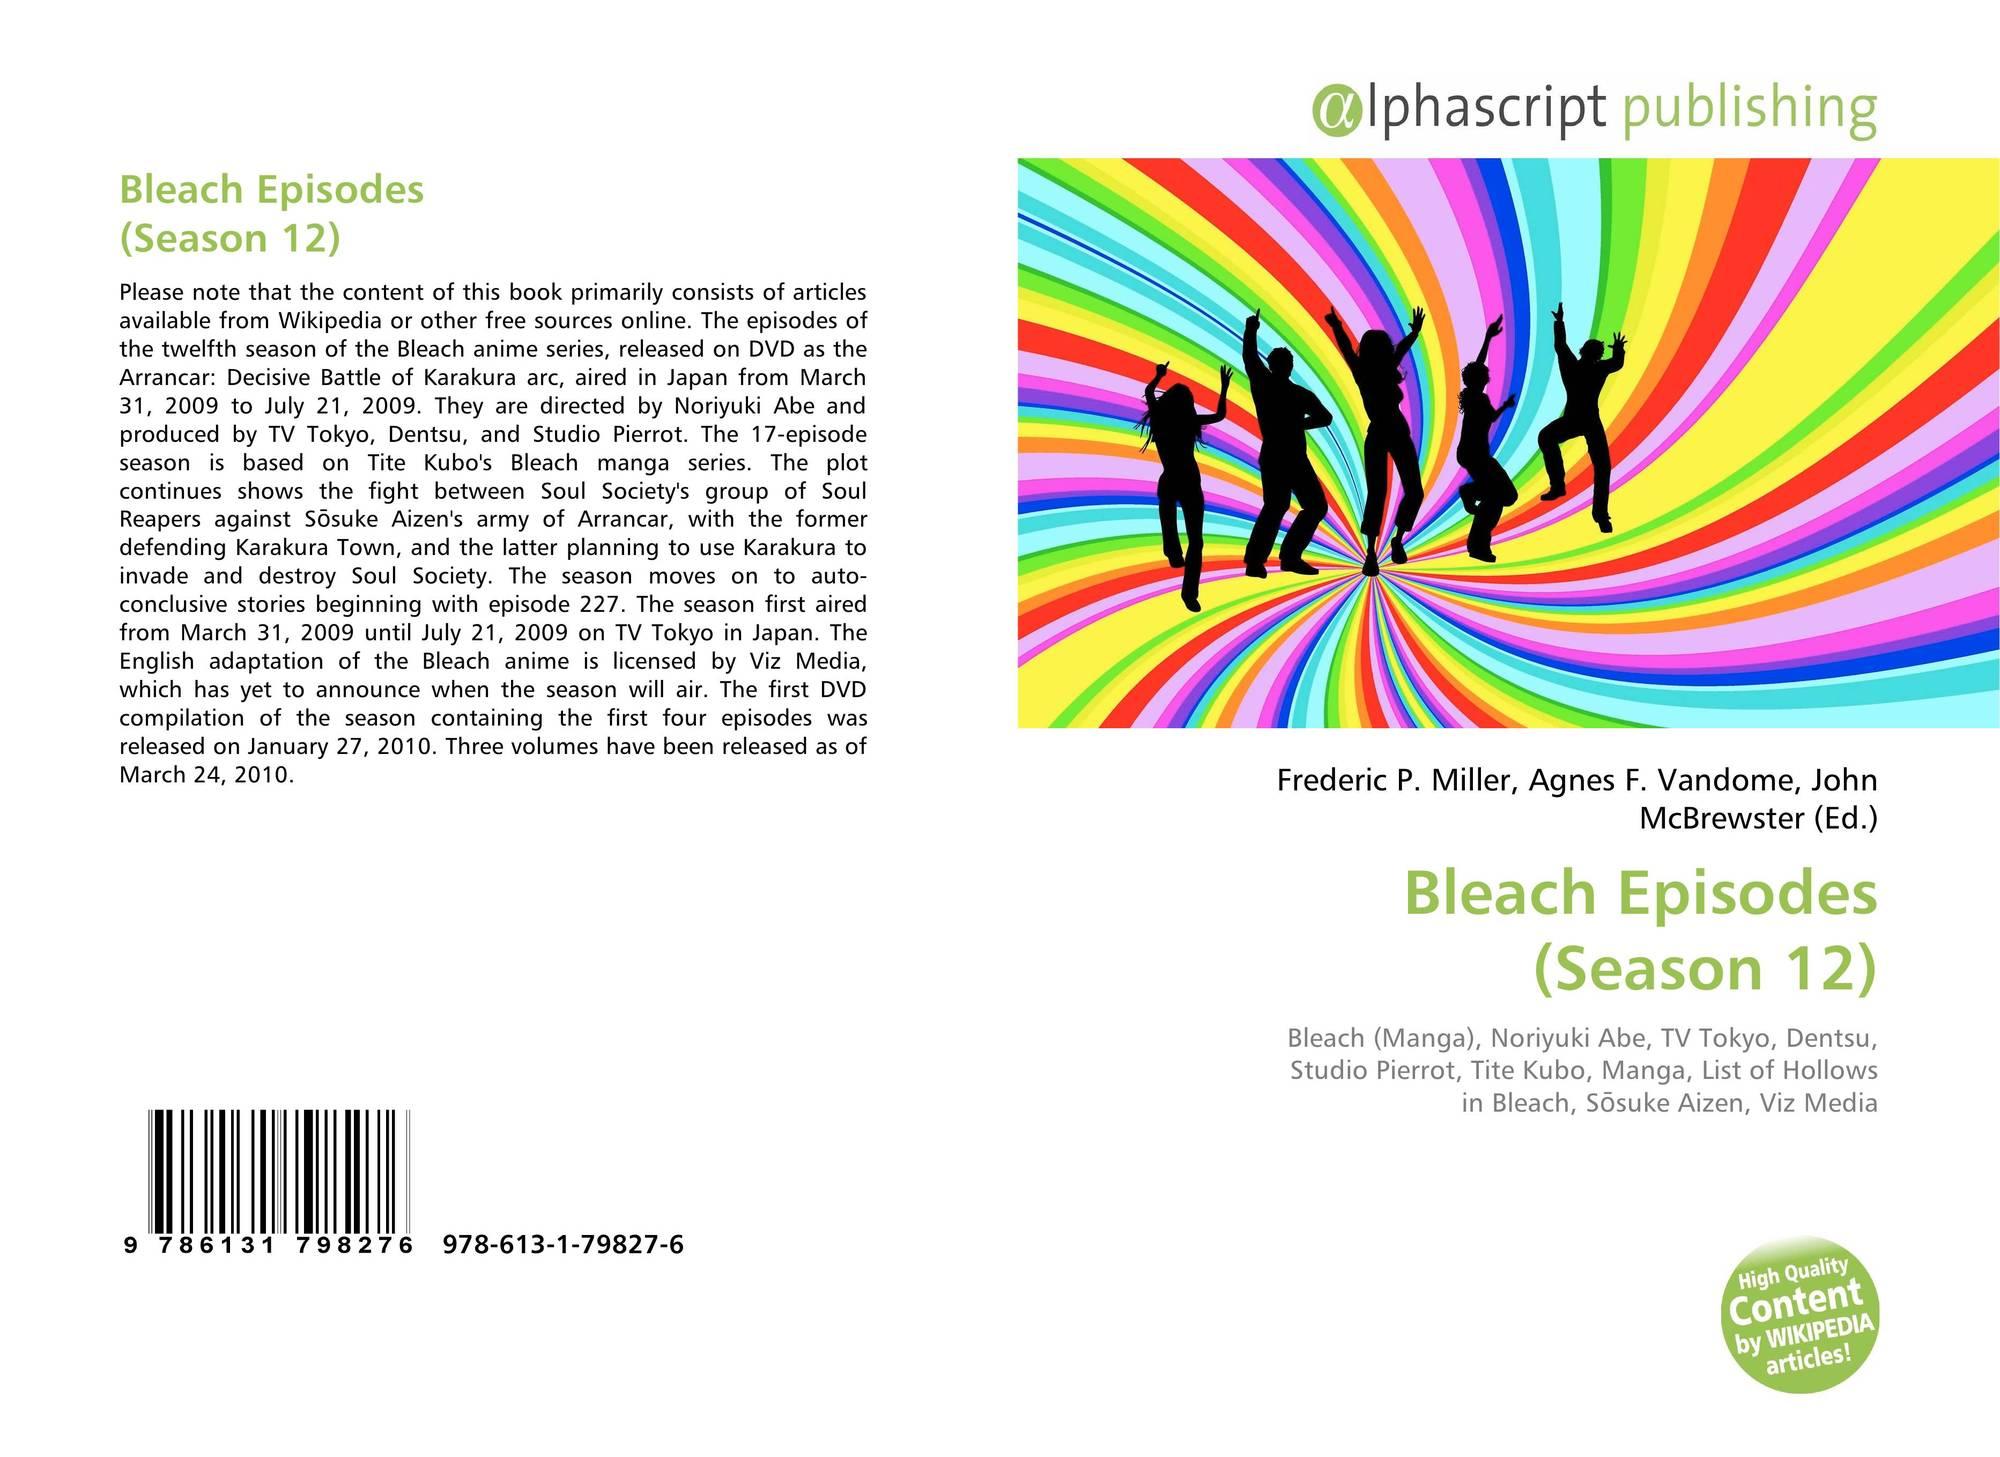 Bleach Episodes (Season 12), 978-613-1-79827-6, 6131798273